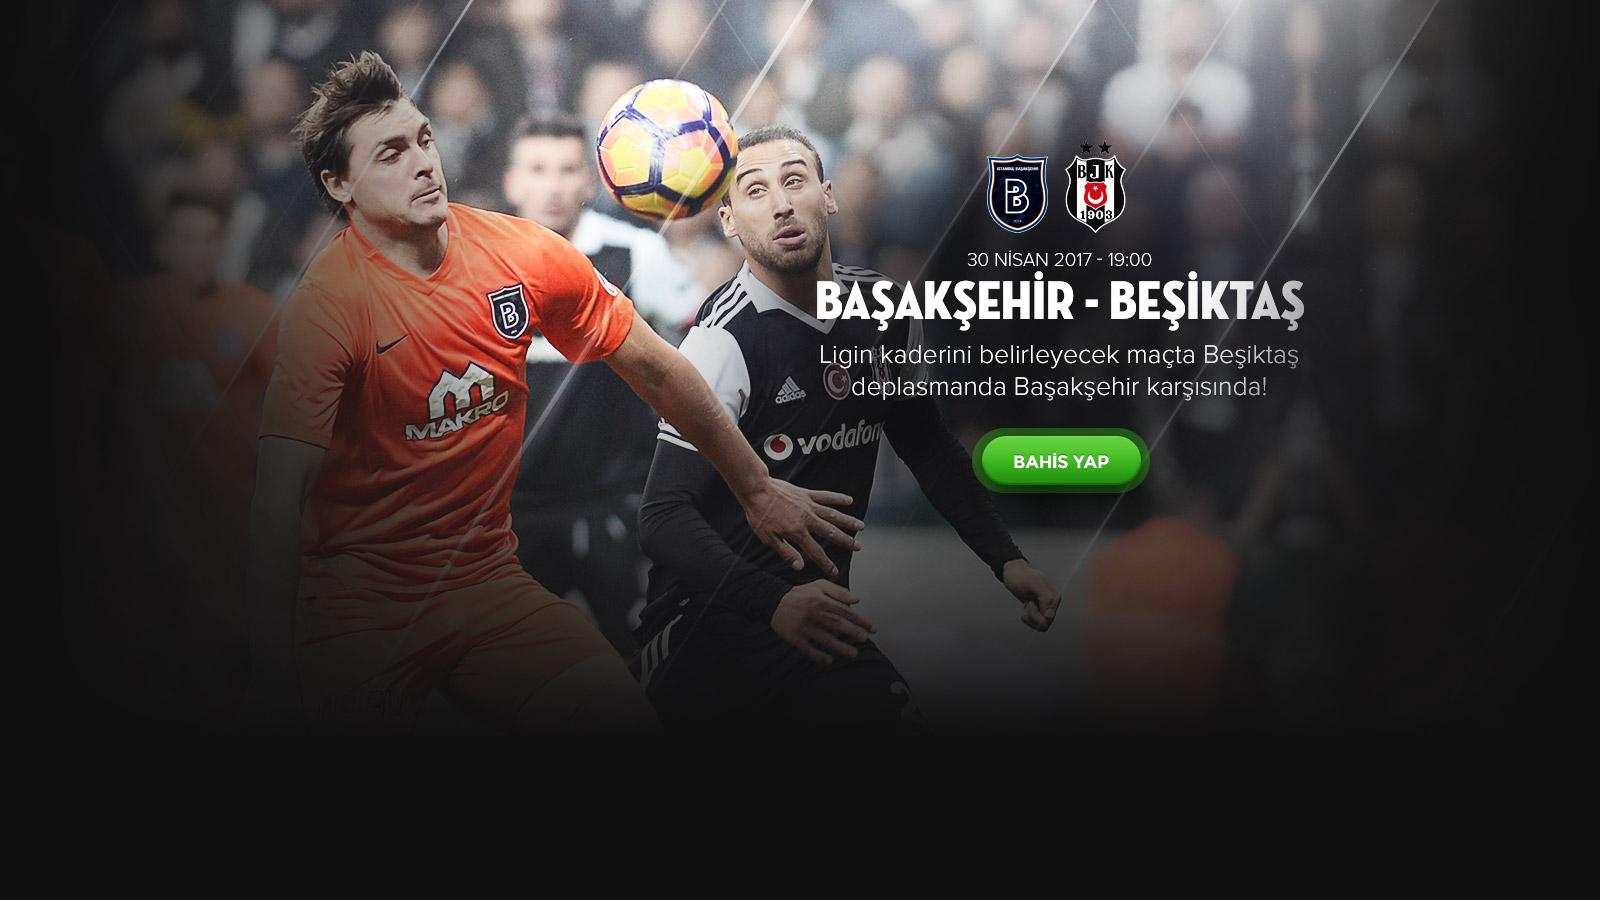 Başakşehir Beşiktaş Maçı Bahis Yorumu 30 Nisan 2017